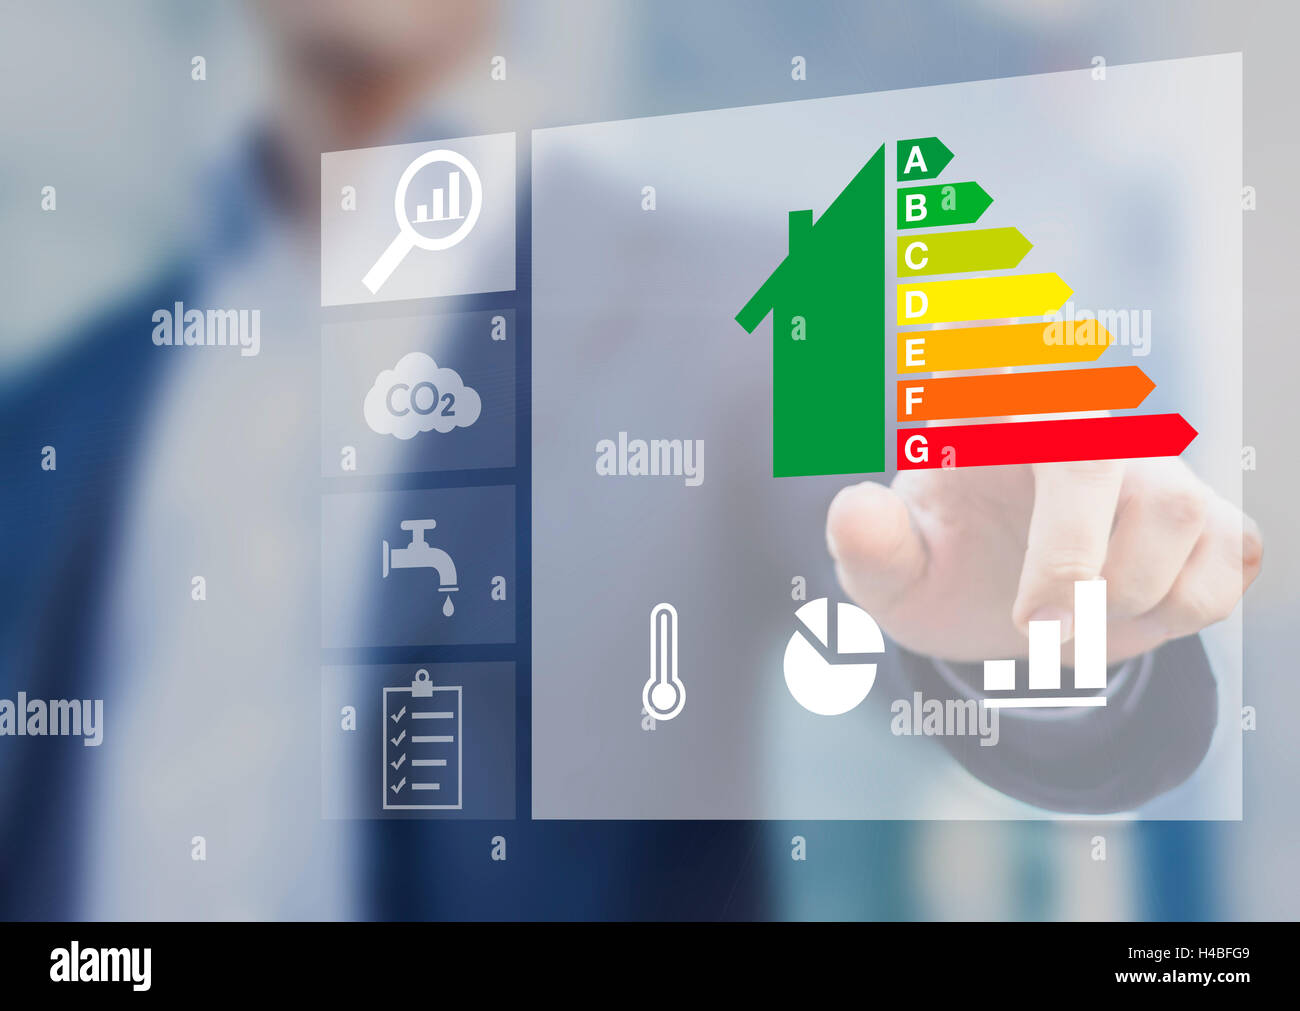 Categoria di efficienza energetica degli edifici per lo sviluppo sostenibile Immagini Stock